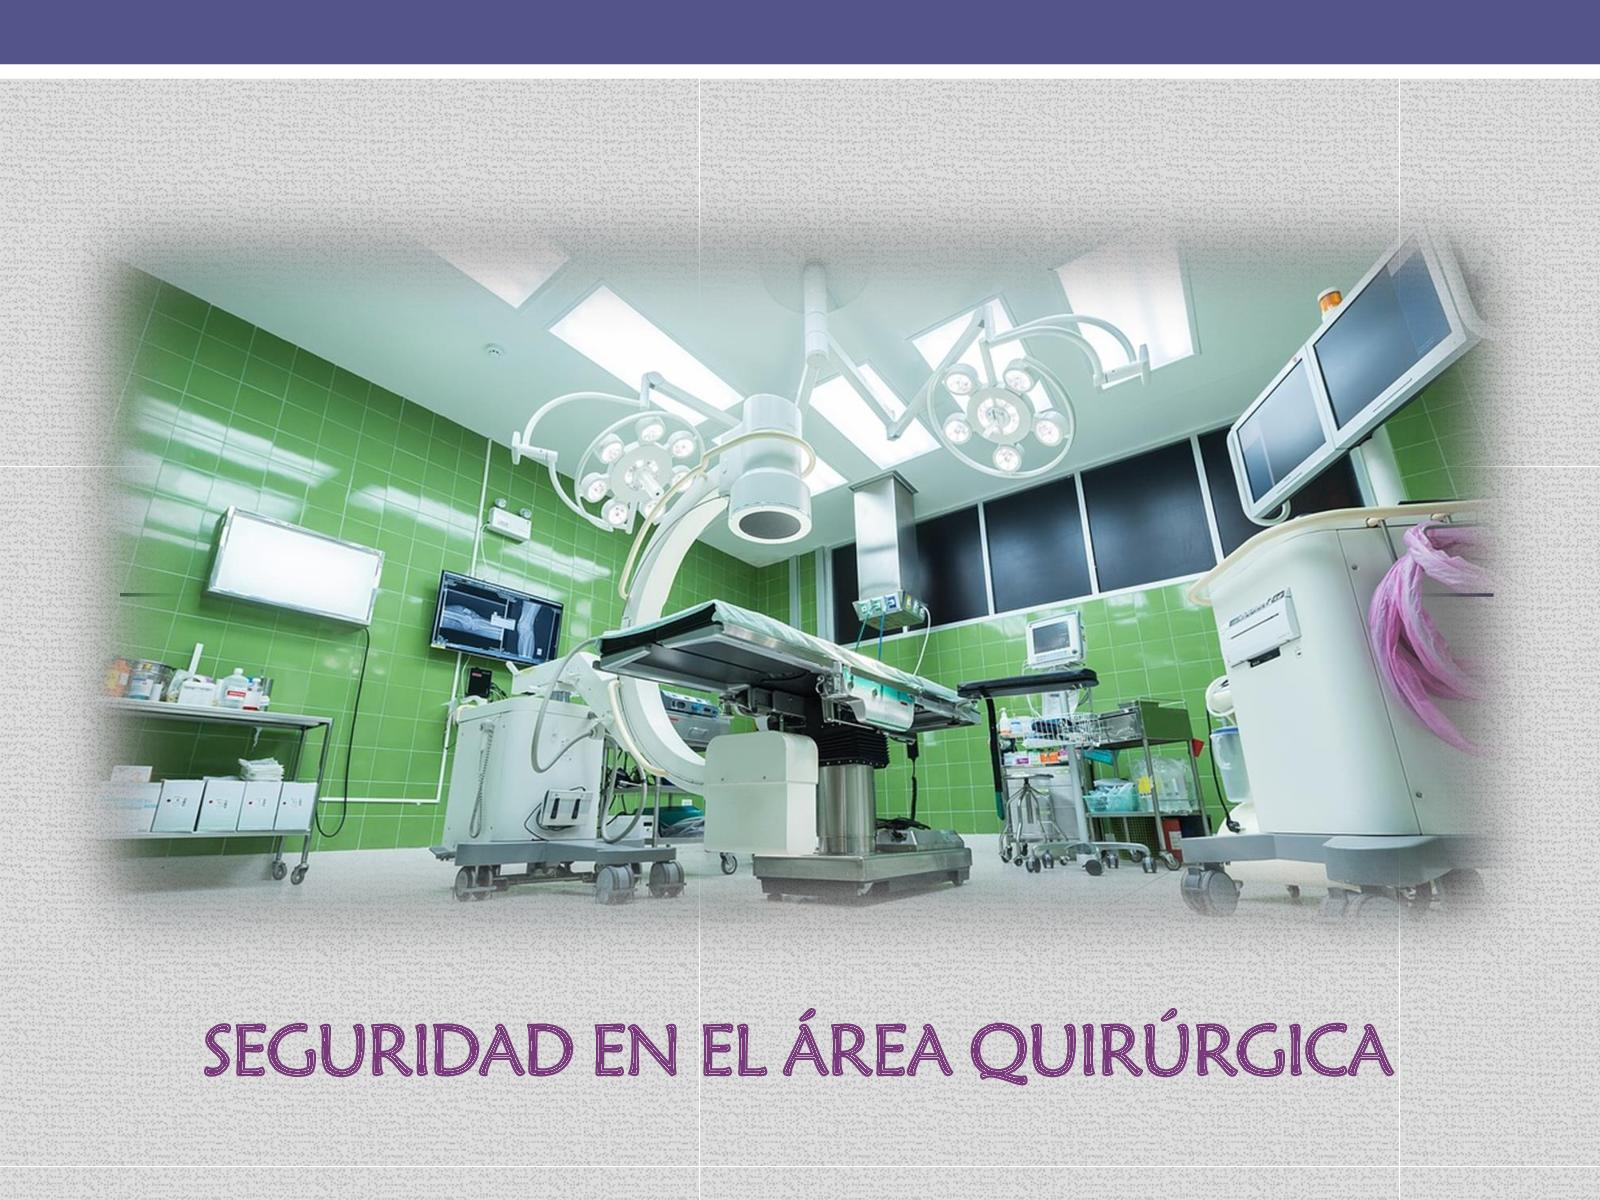 Circuito Quirurgico : Calaméo seguridad en el area quirurgica